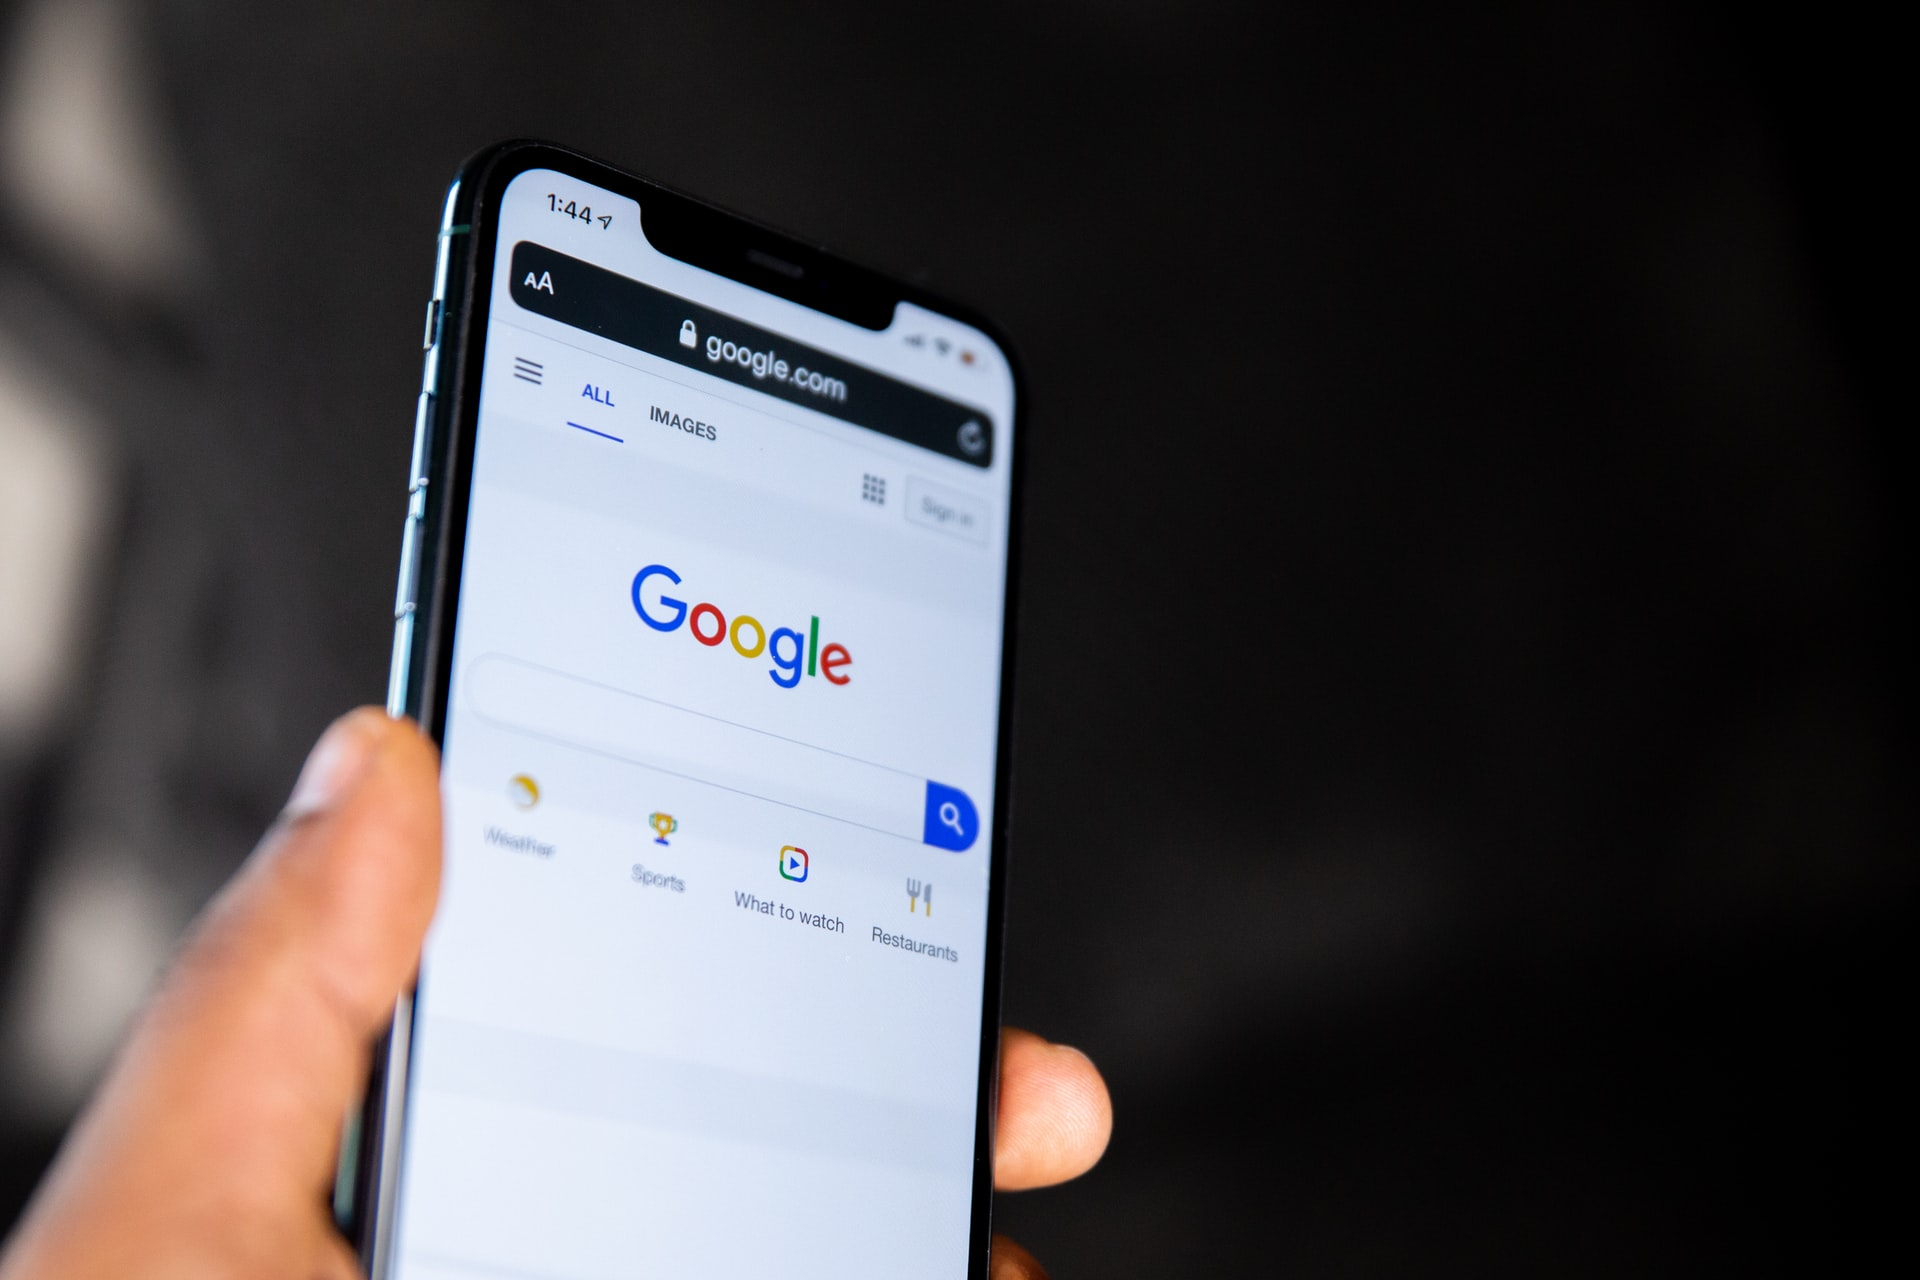 スマホに映るGoogle検索画面